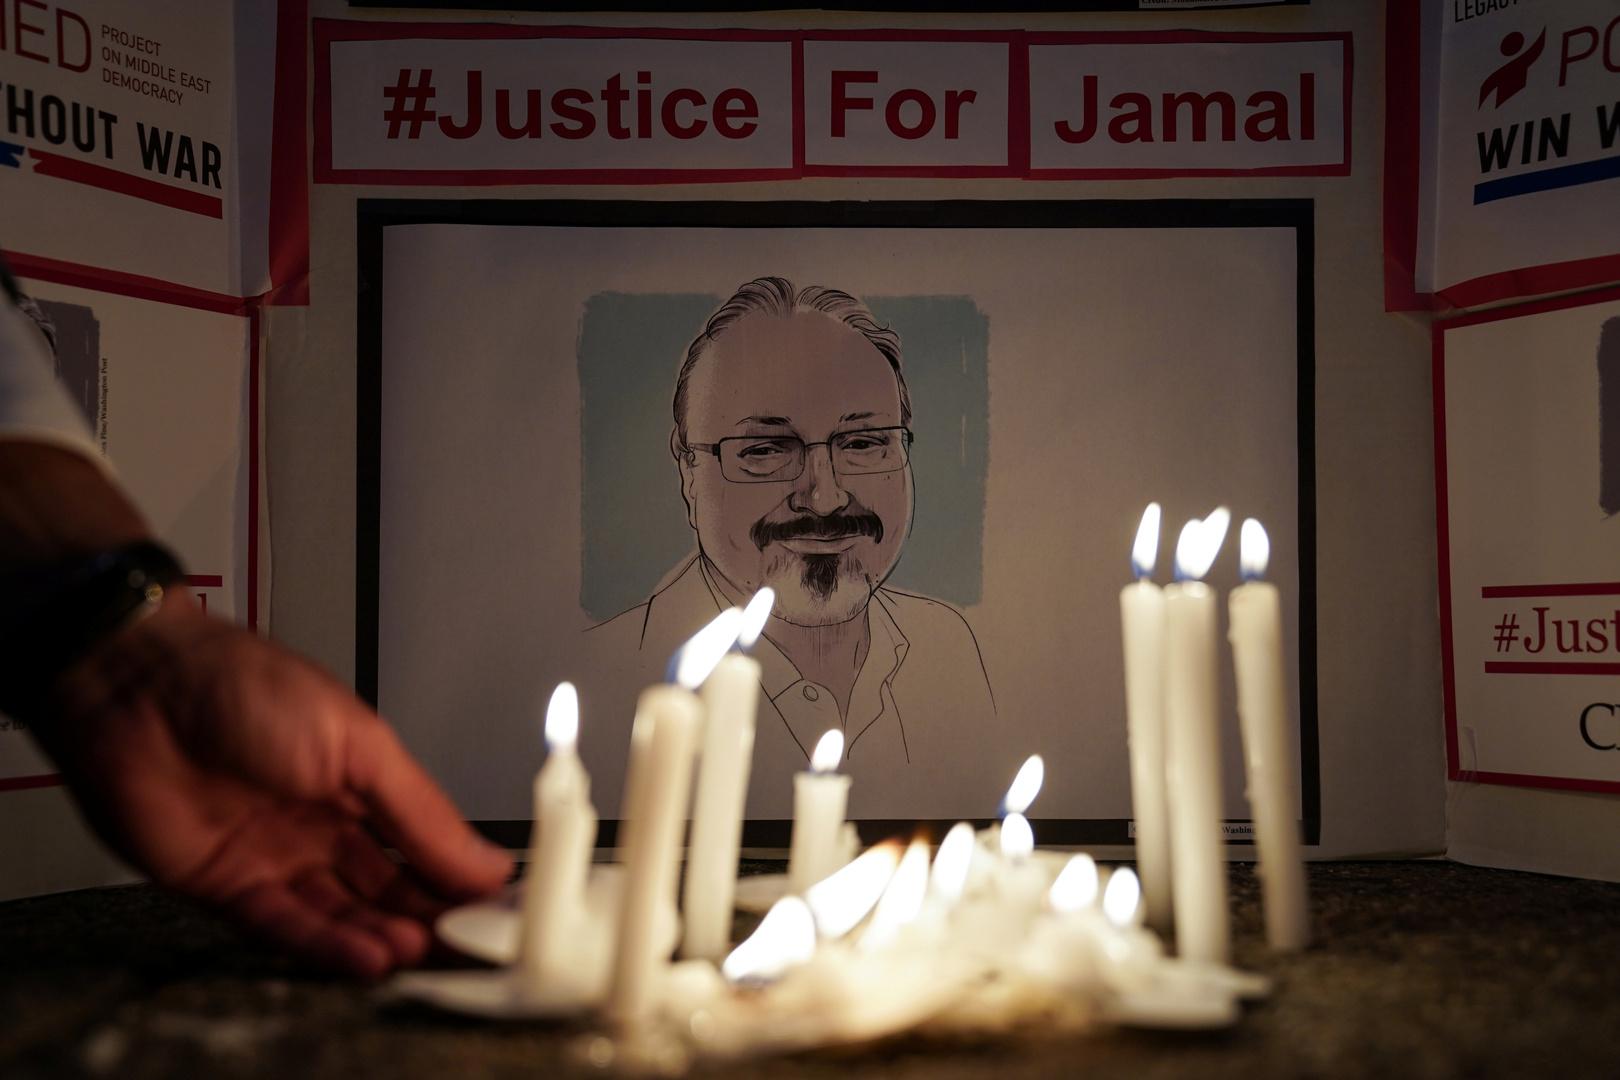 القضاء التركي يؤيد لائحة الاتهام في ملف قضية خاشقجي